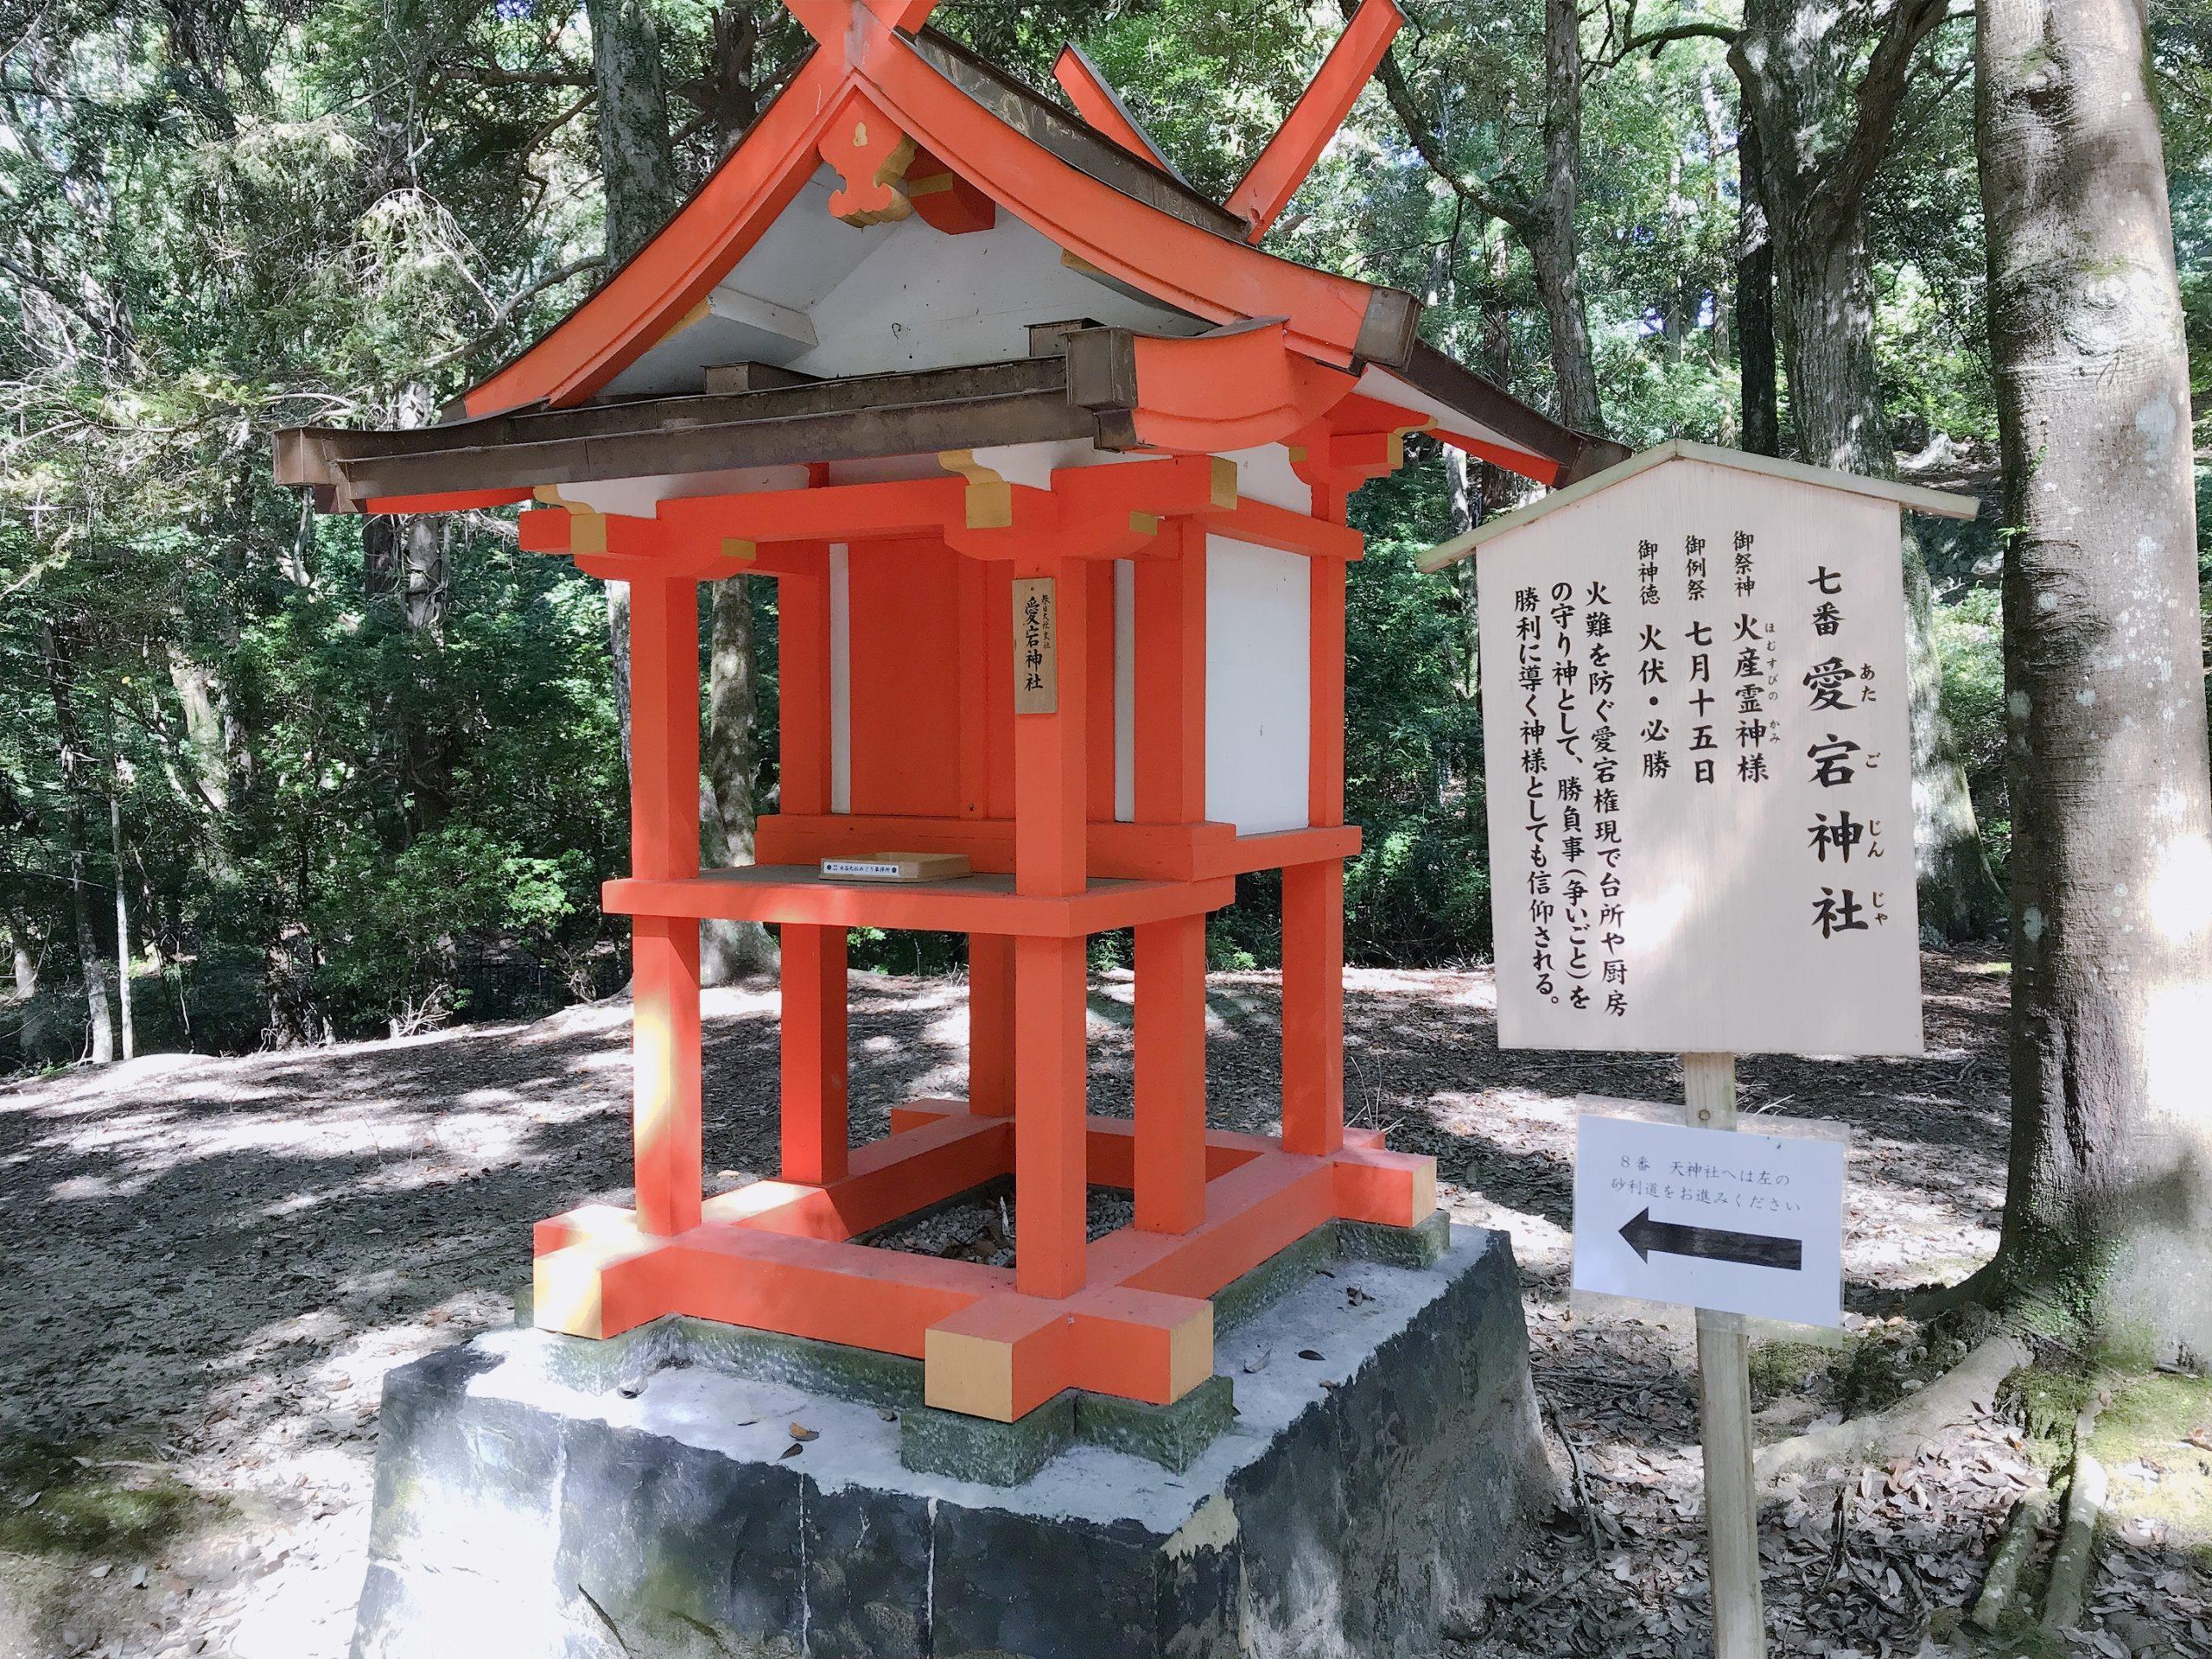 春日大社の愛宕神社へ!水谷九社巡りで御朱印めぐり